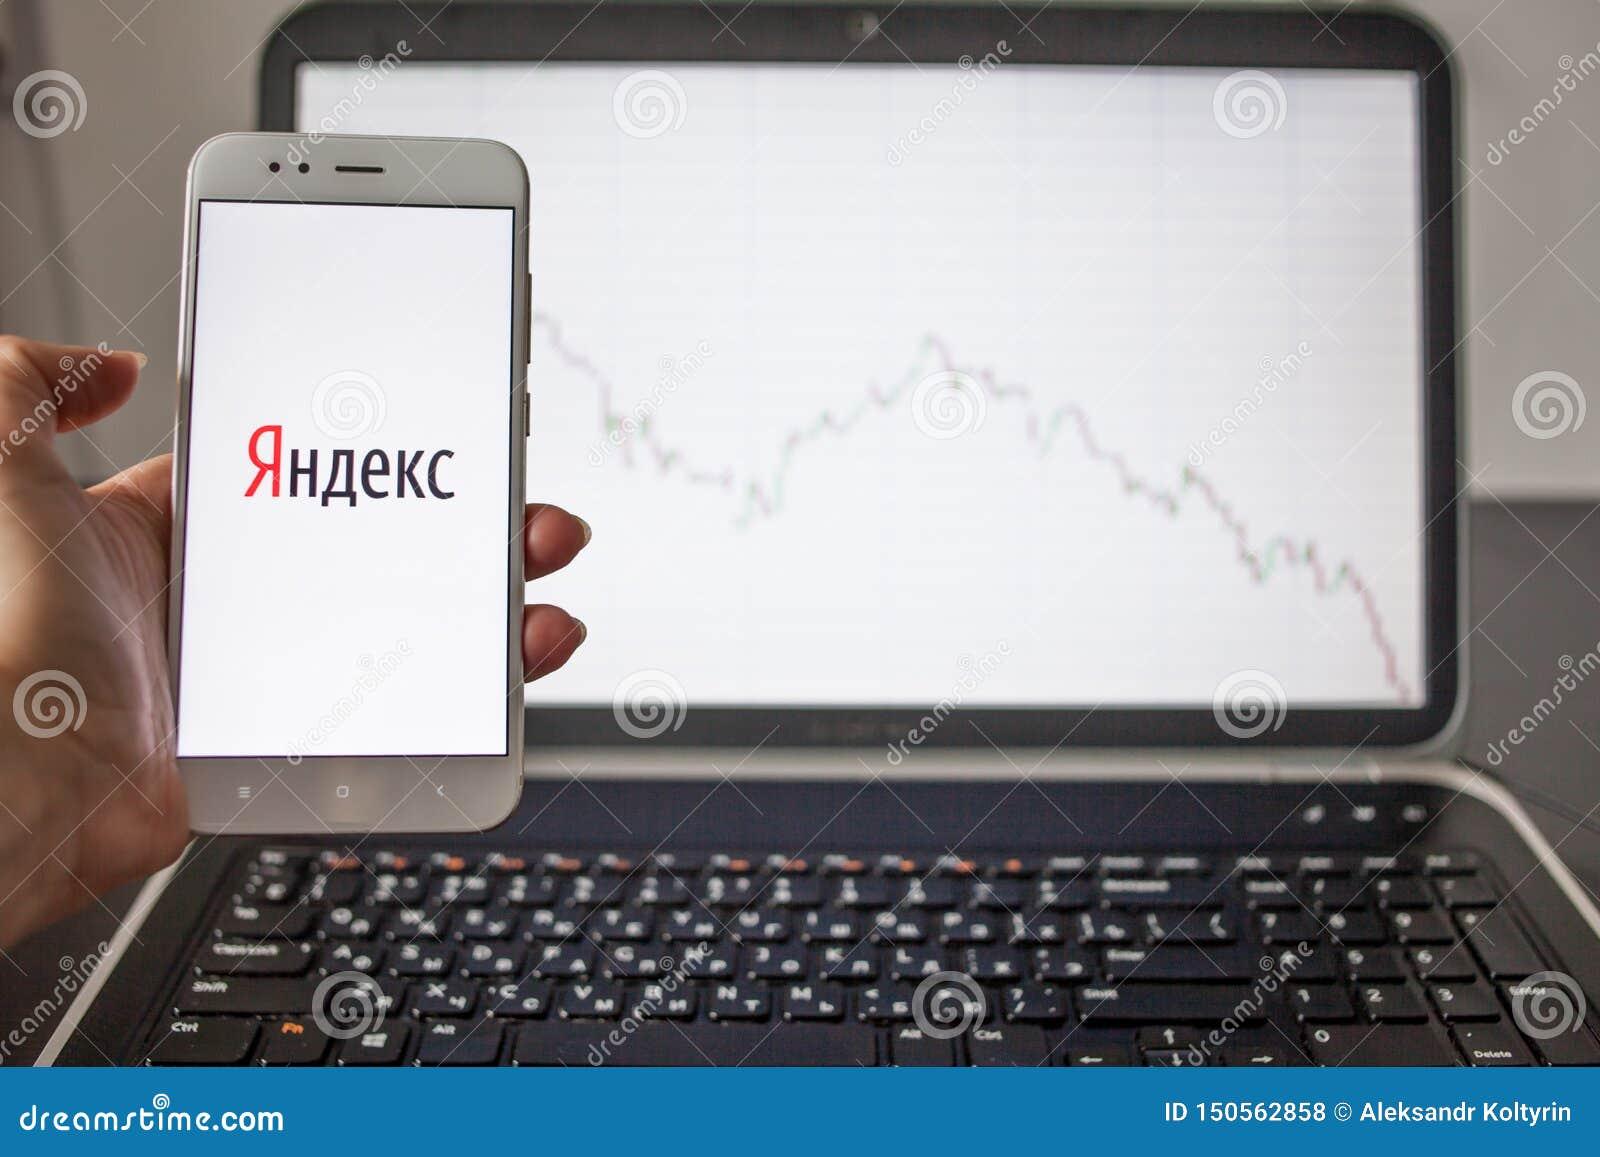 圣彼德堡,俄罗斯- 2019年5月14日:俄国信息技术公司Yandex的商标在储蓄图背景的